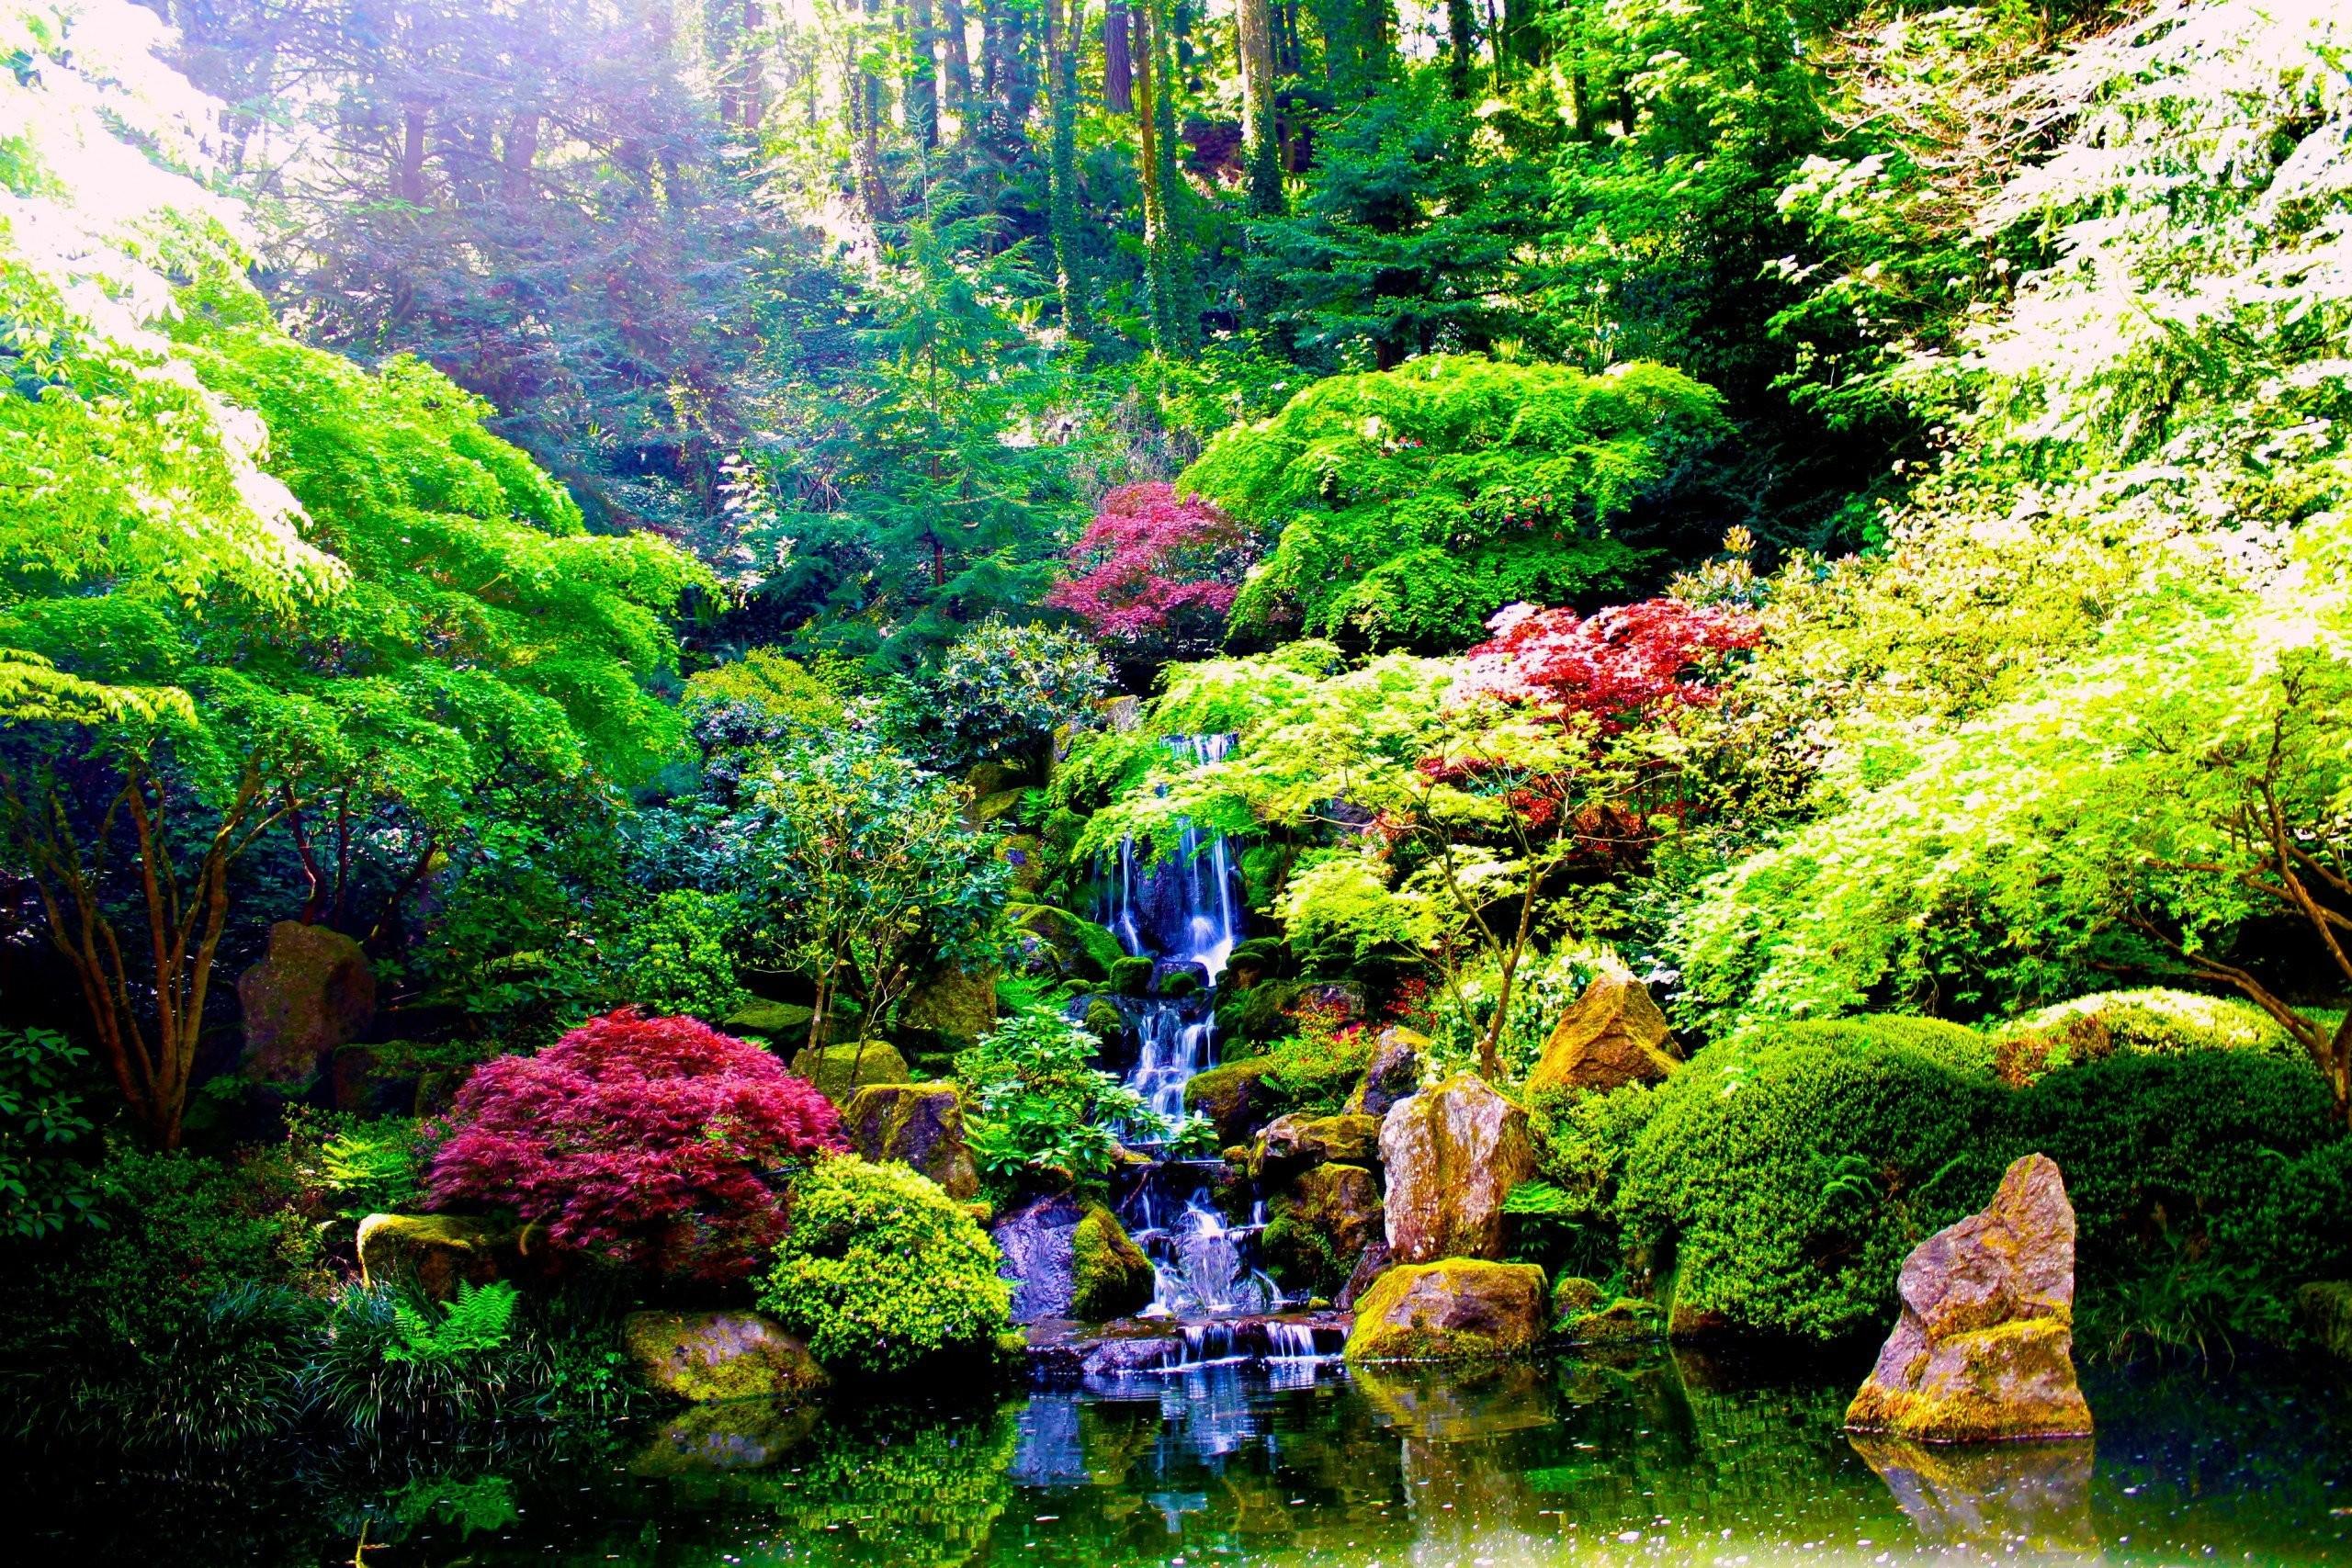 2848x2136 Especial Japanese Zen Gardens Together With Resolution Garden Design In